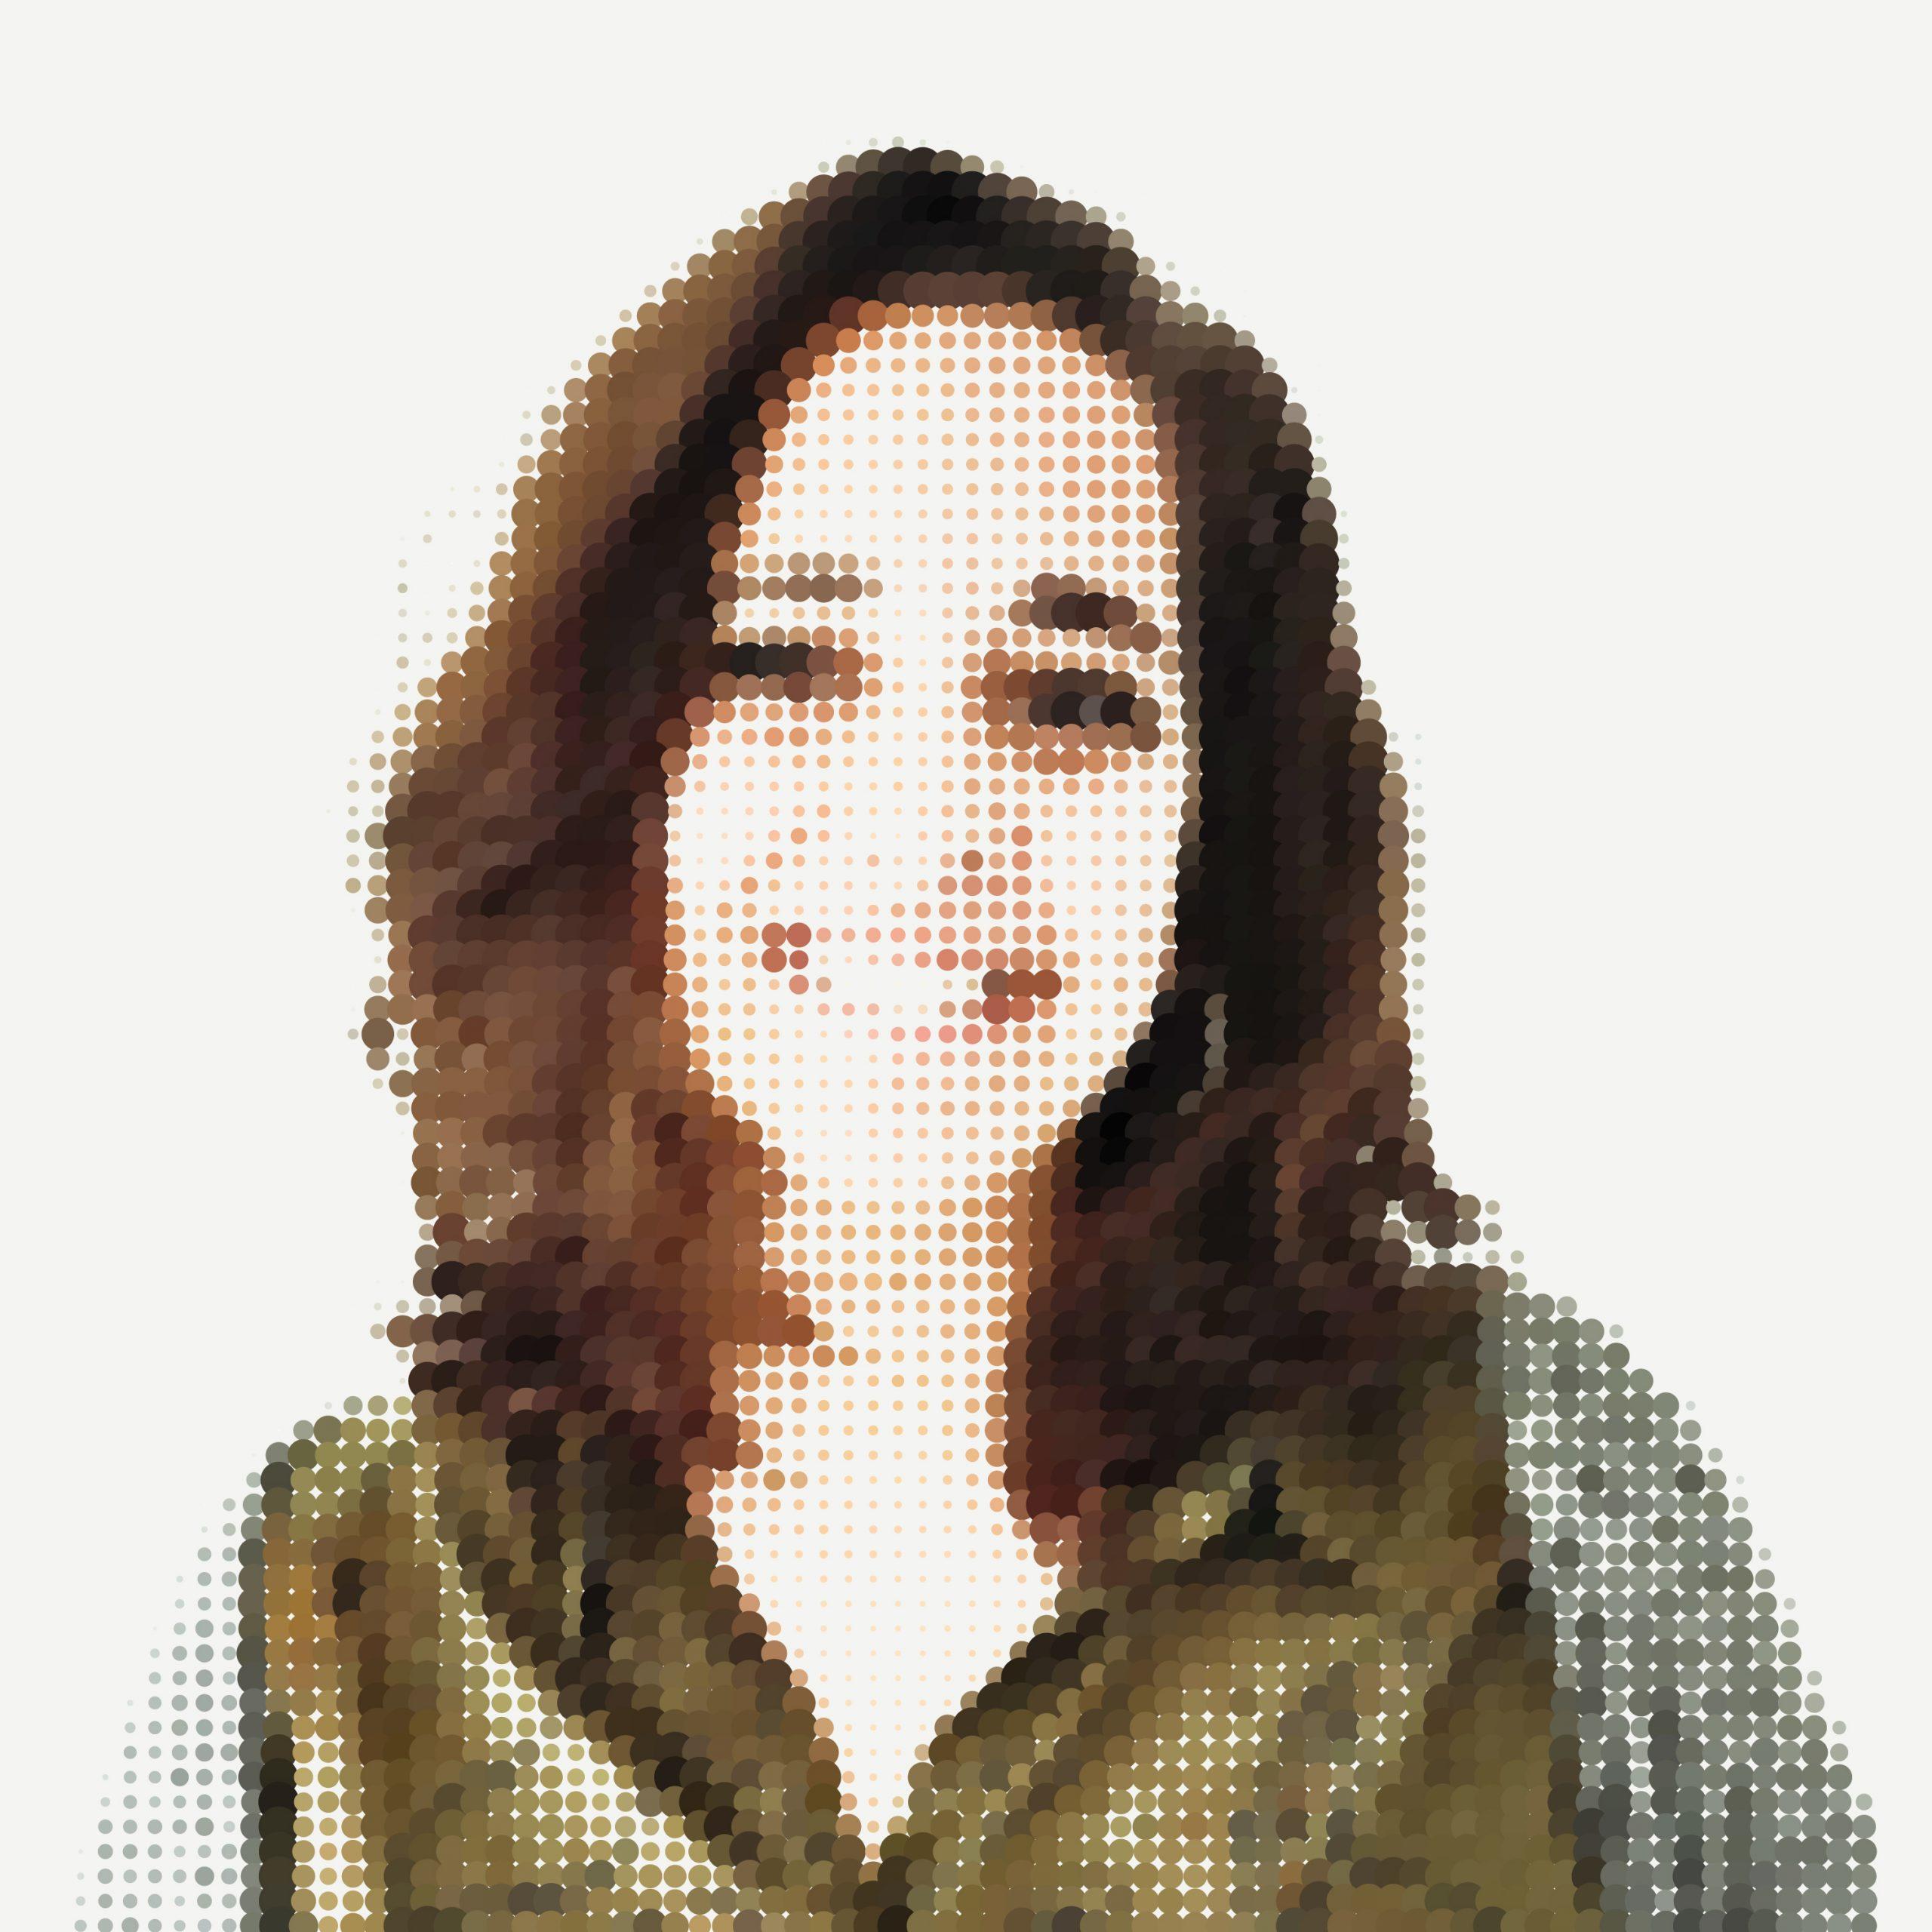 Alba Huerga